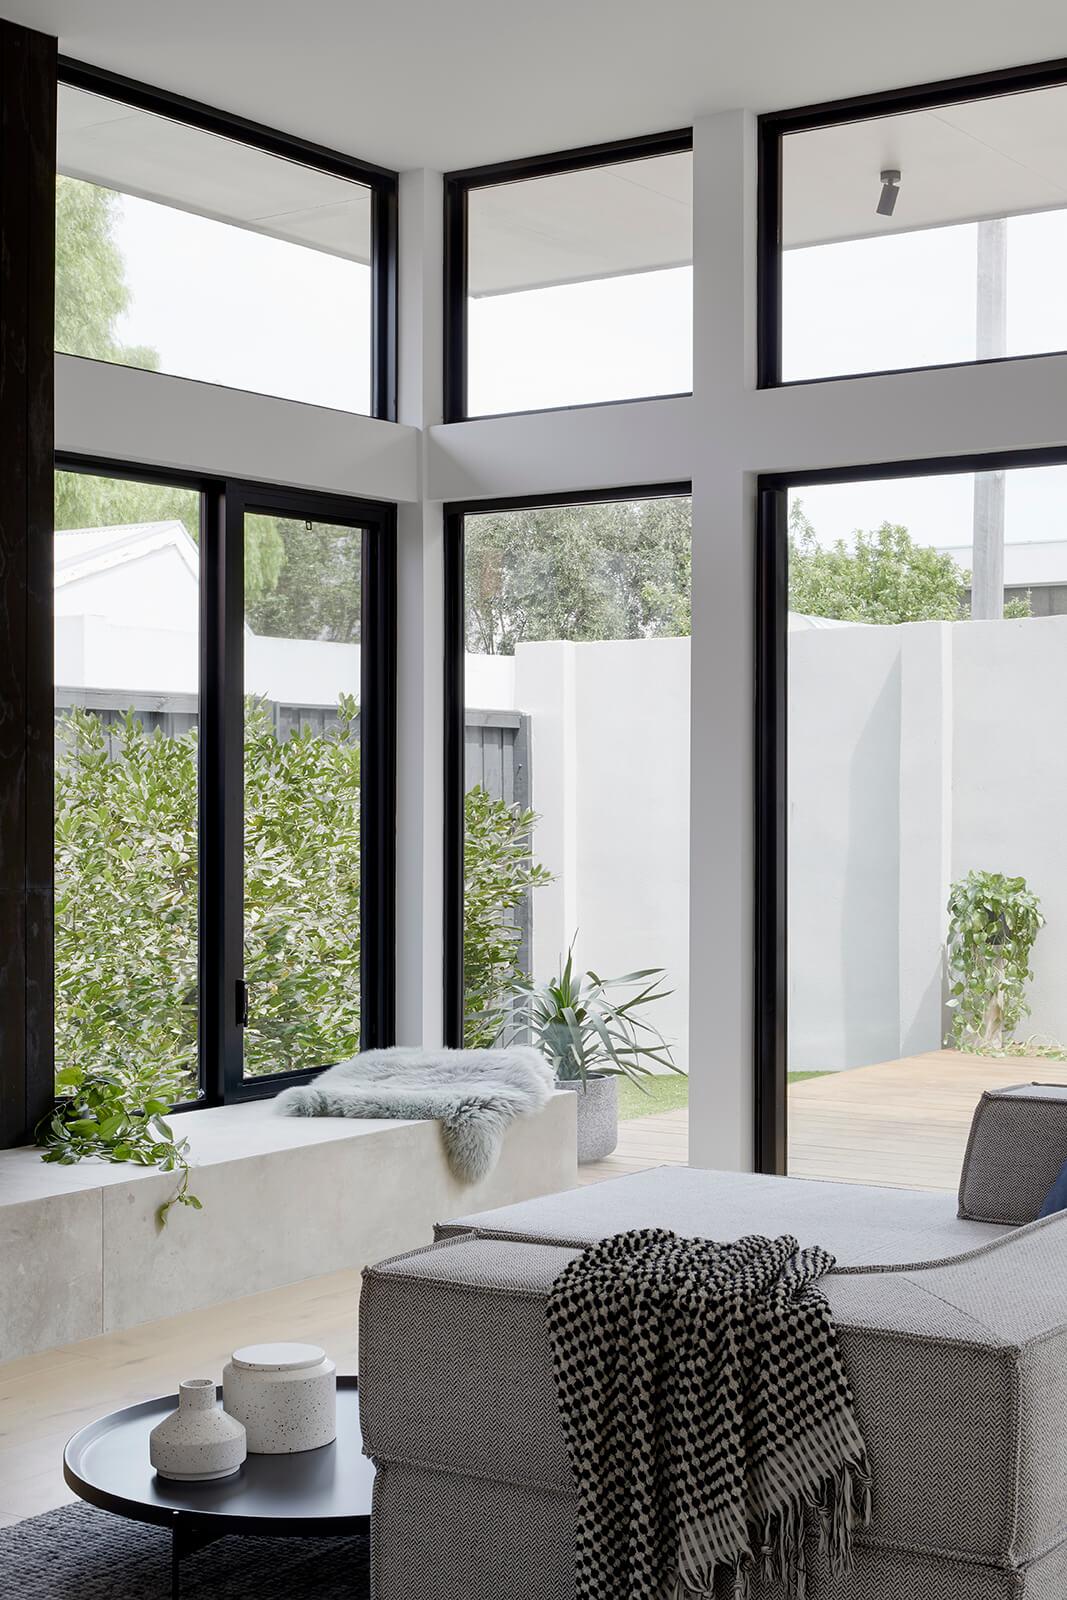 Elwood Duplex by de.arch